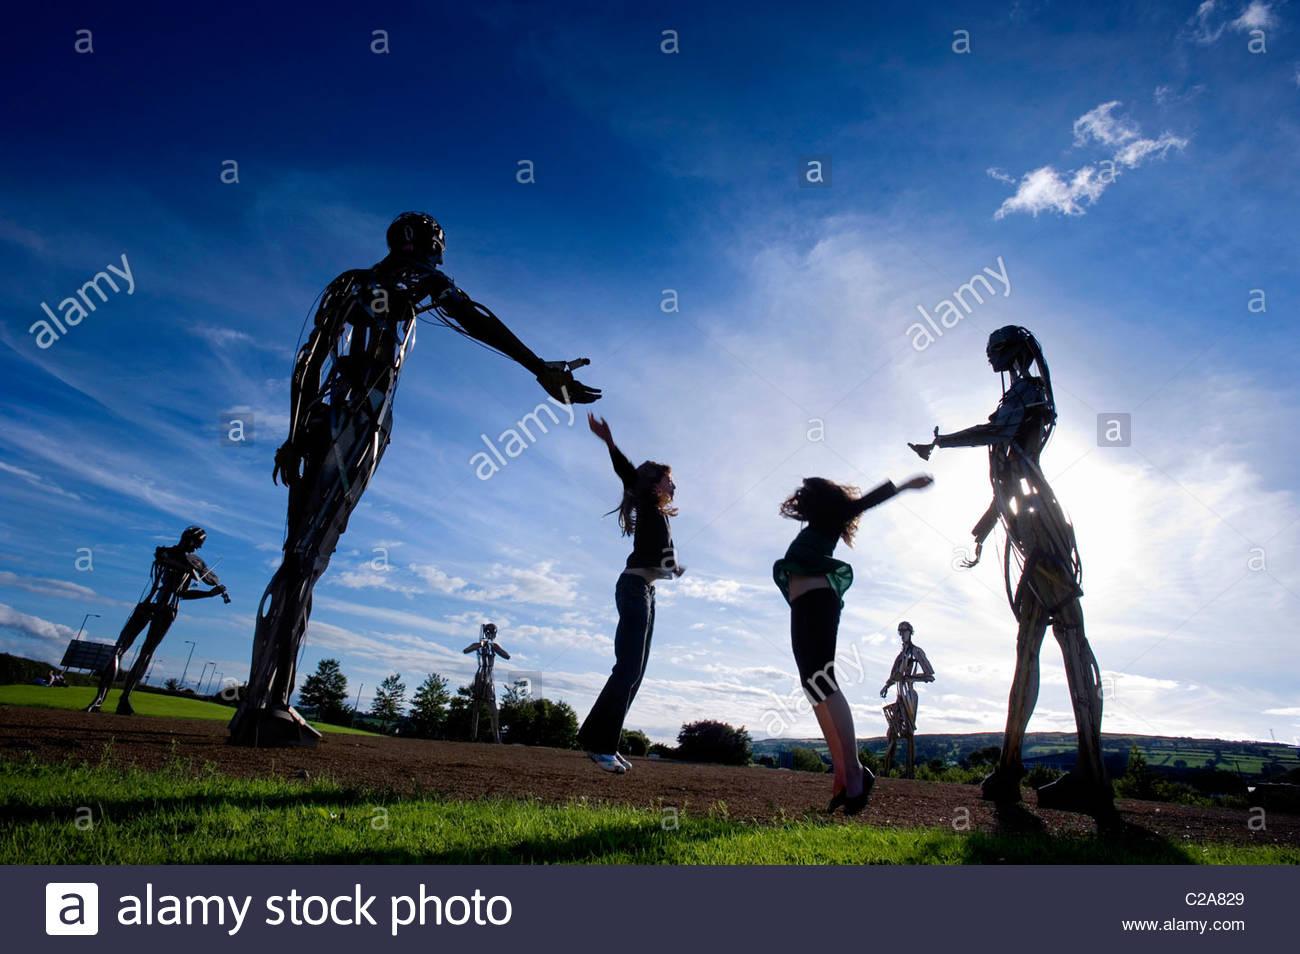 Niños jugando en una escultura de arte público en Strabane, Ulster. Imagen De Stock